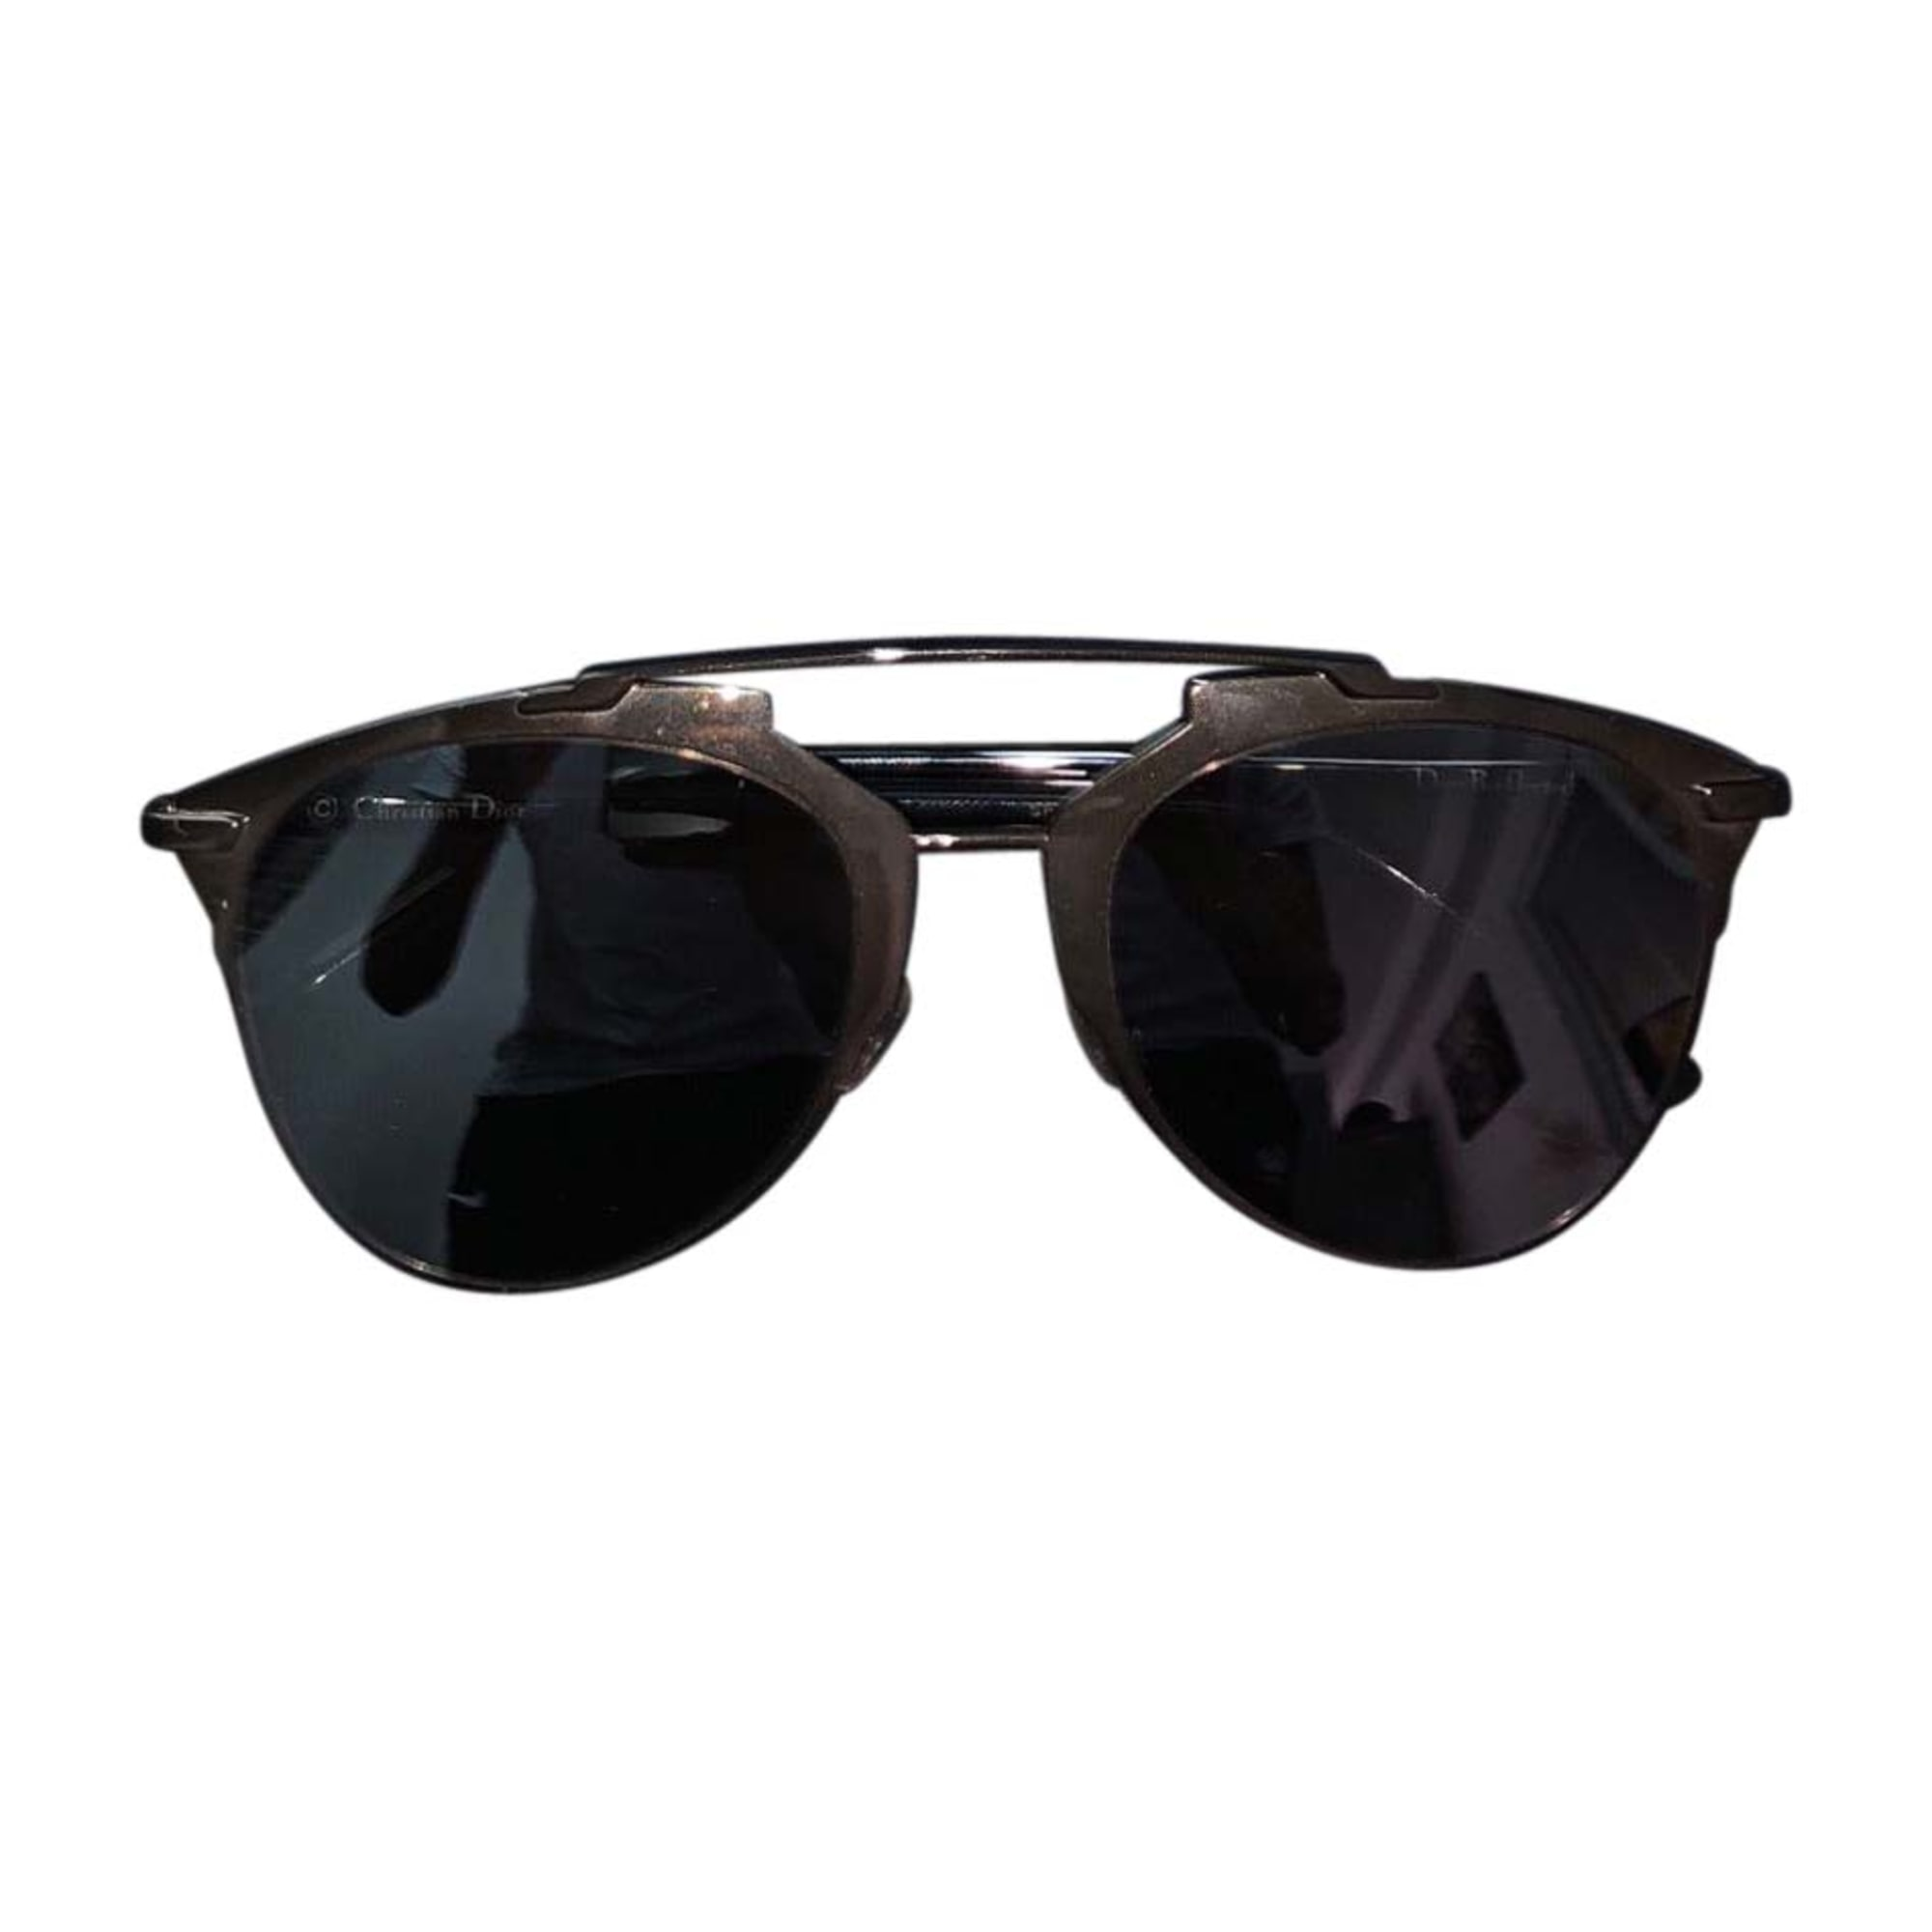 Lunettes de soleil DIOR HOMME noir vendu par Enzo 260 - 7184451 fa0e2bf501ef